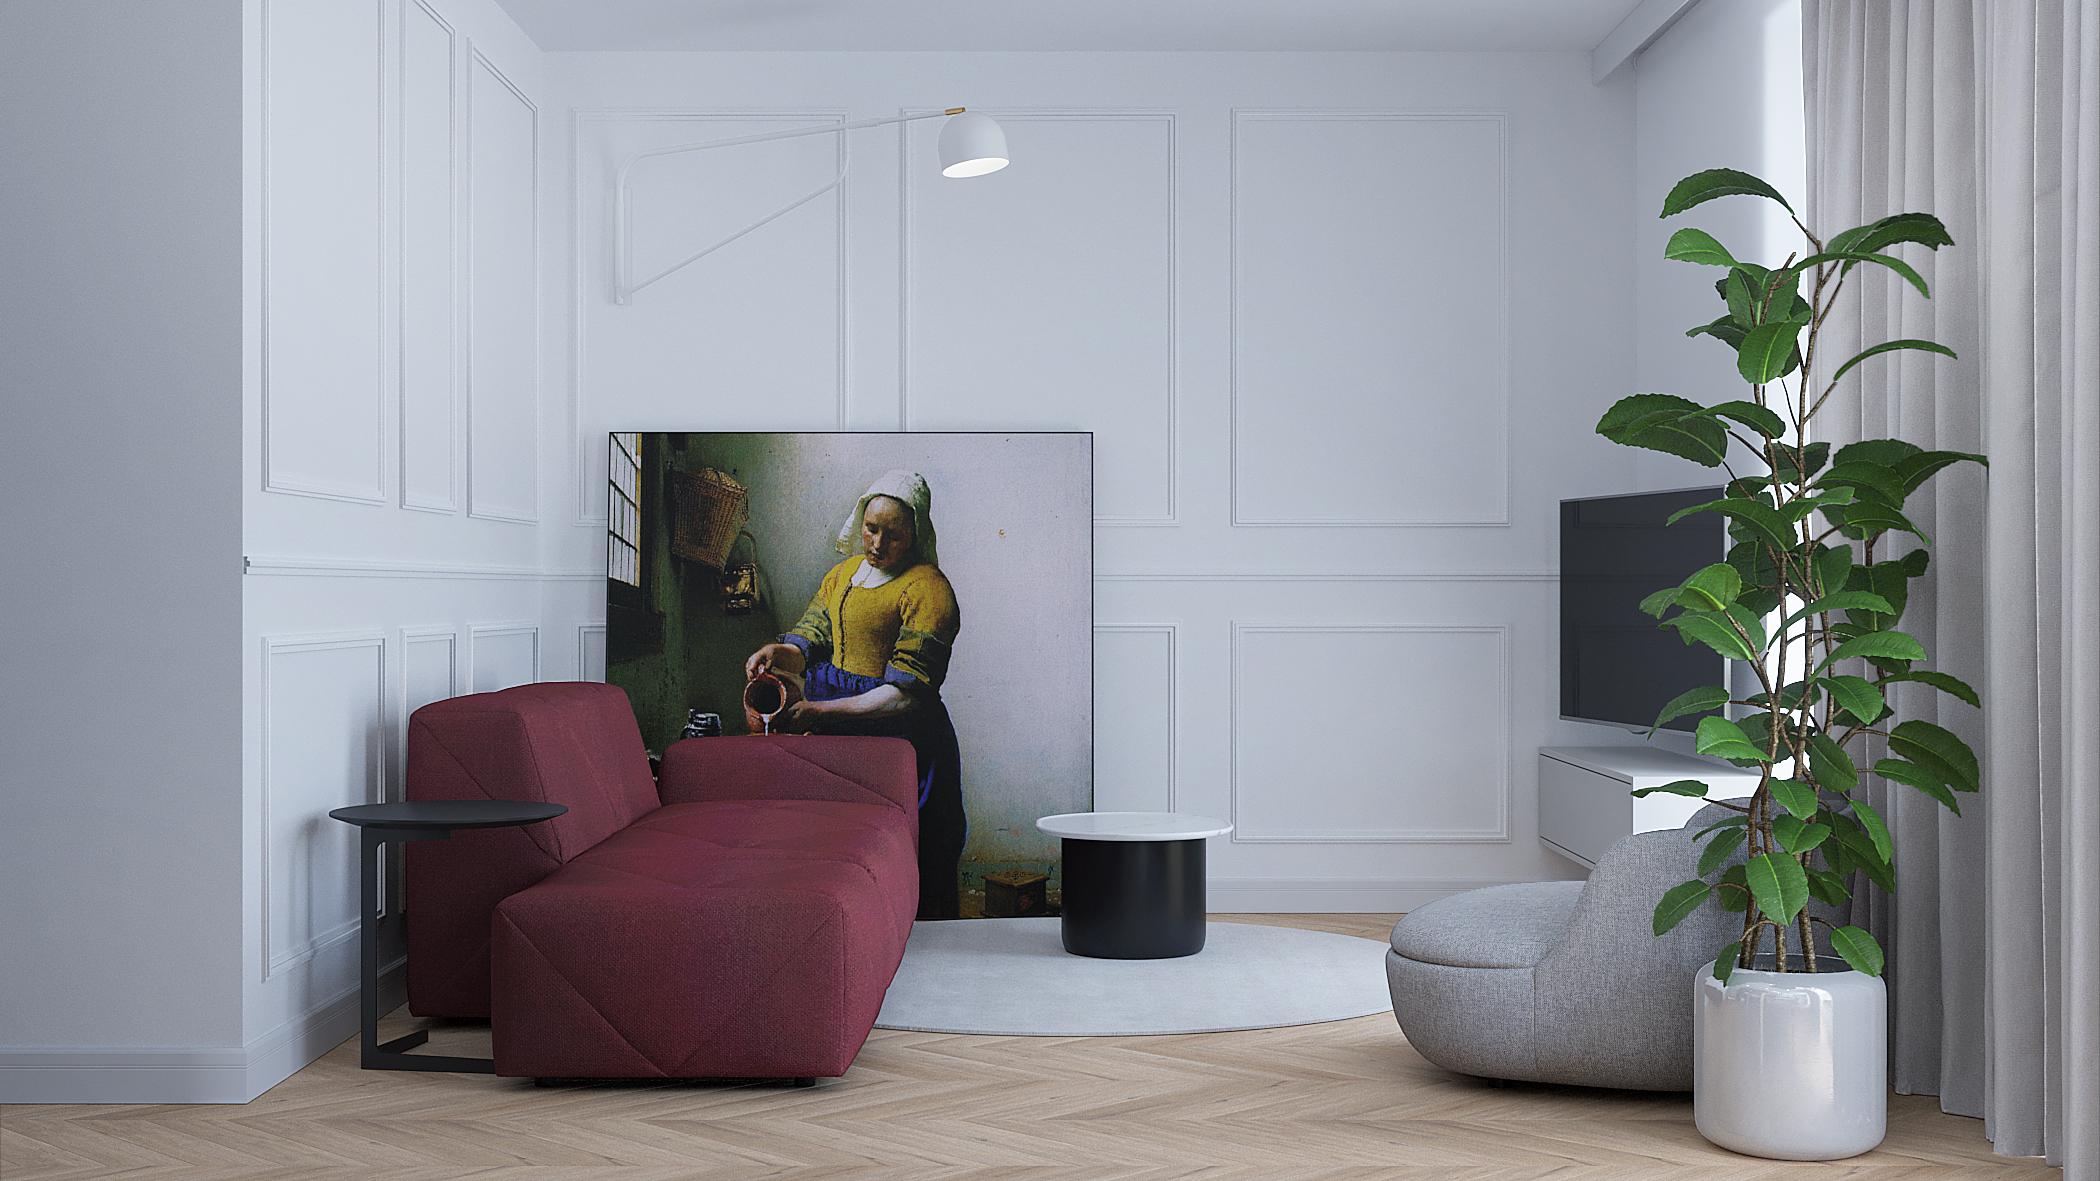 4 projektowanie wnetrz M356 mieszkanie Krakow bordowa sofa szary fotel listwy dekoracyjne